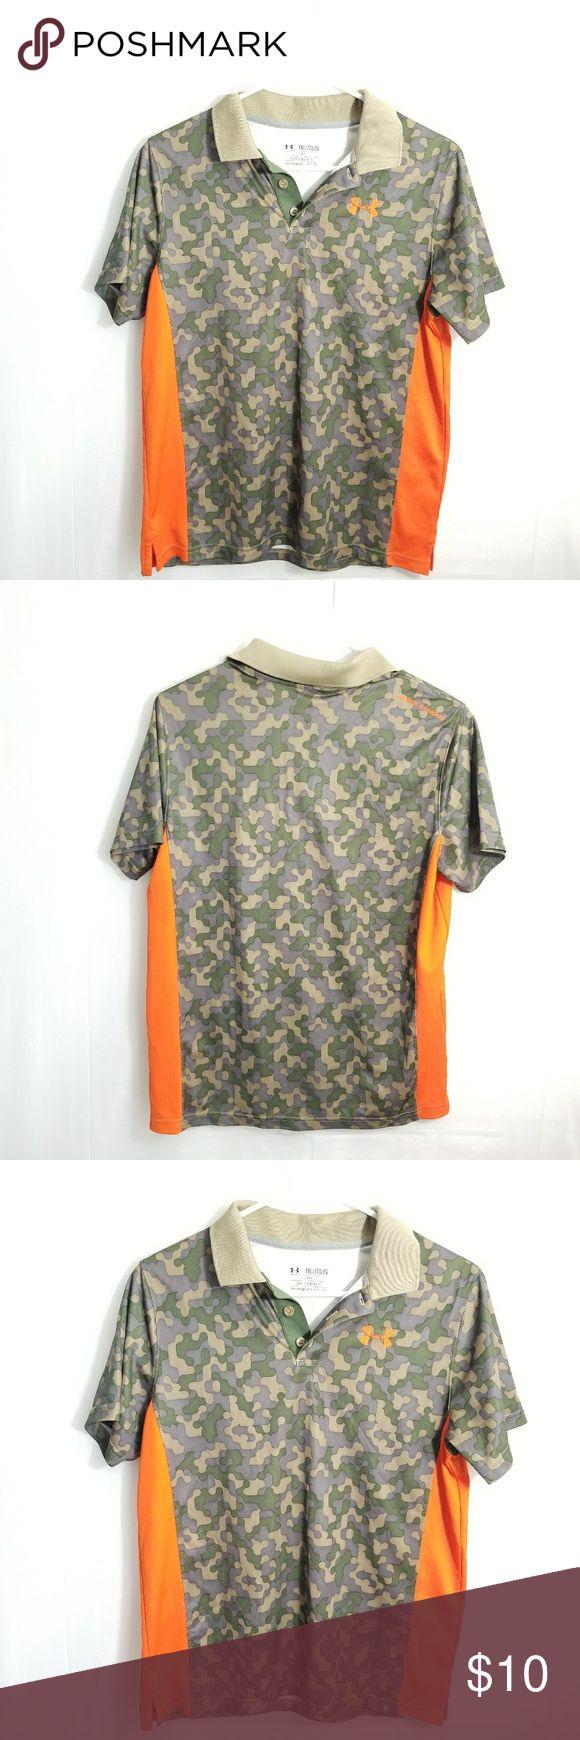 Under Armour boy polo shirt Sz XL short sleeve Under Armour boy polo shirt Sz XL short sleeve Under Armour Shirts & Tops Polos